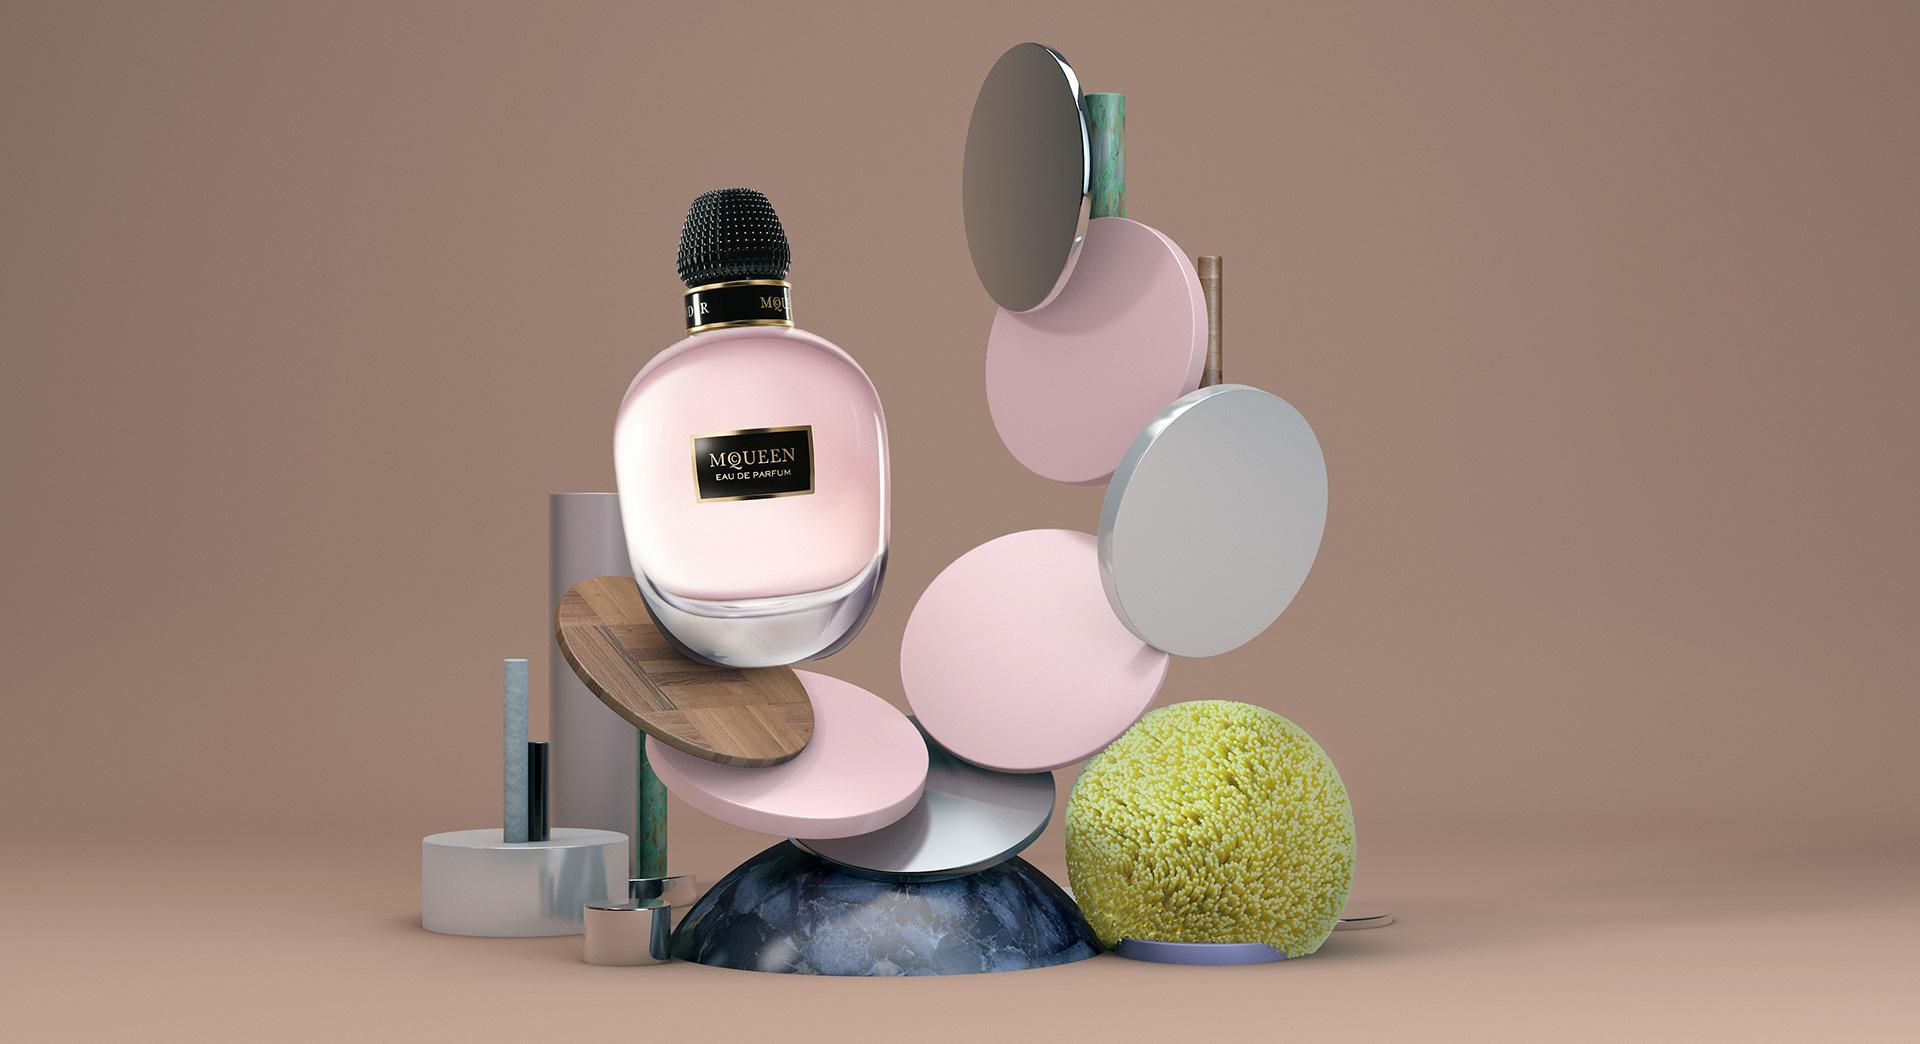 future-paris-alexander-mcqueen-parfum